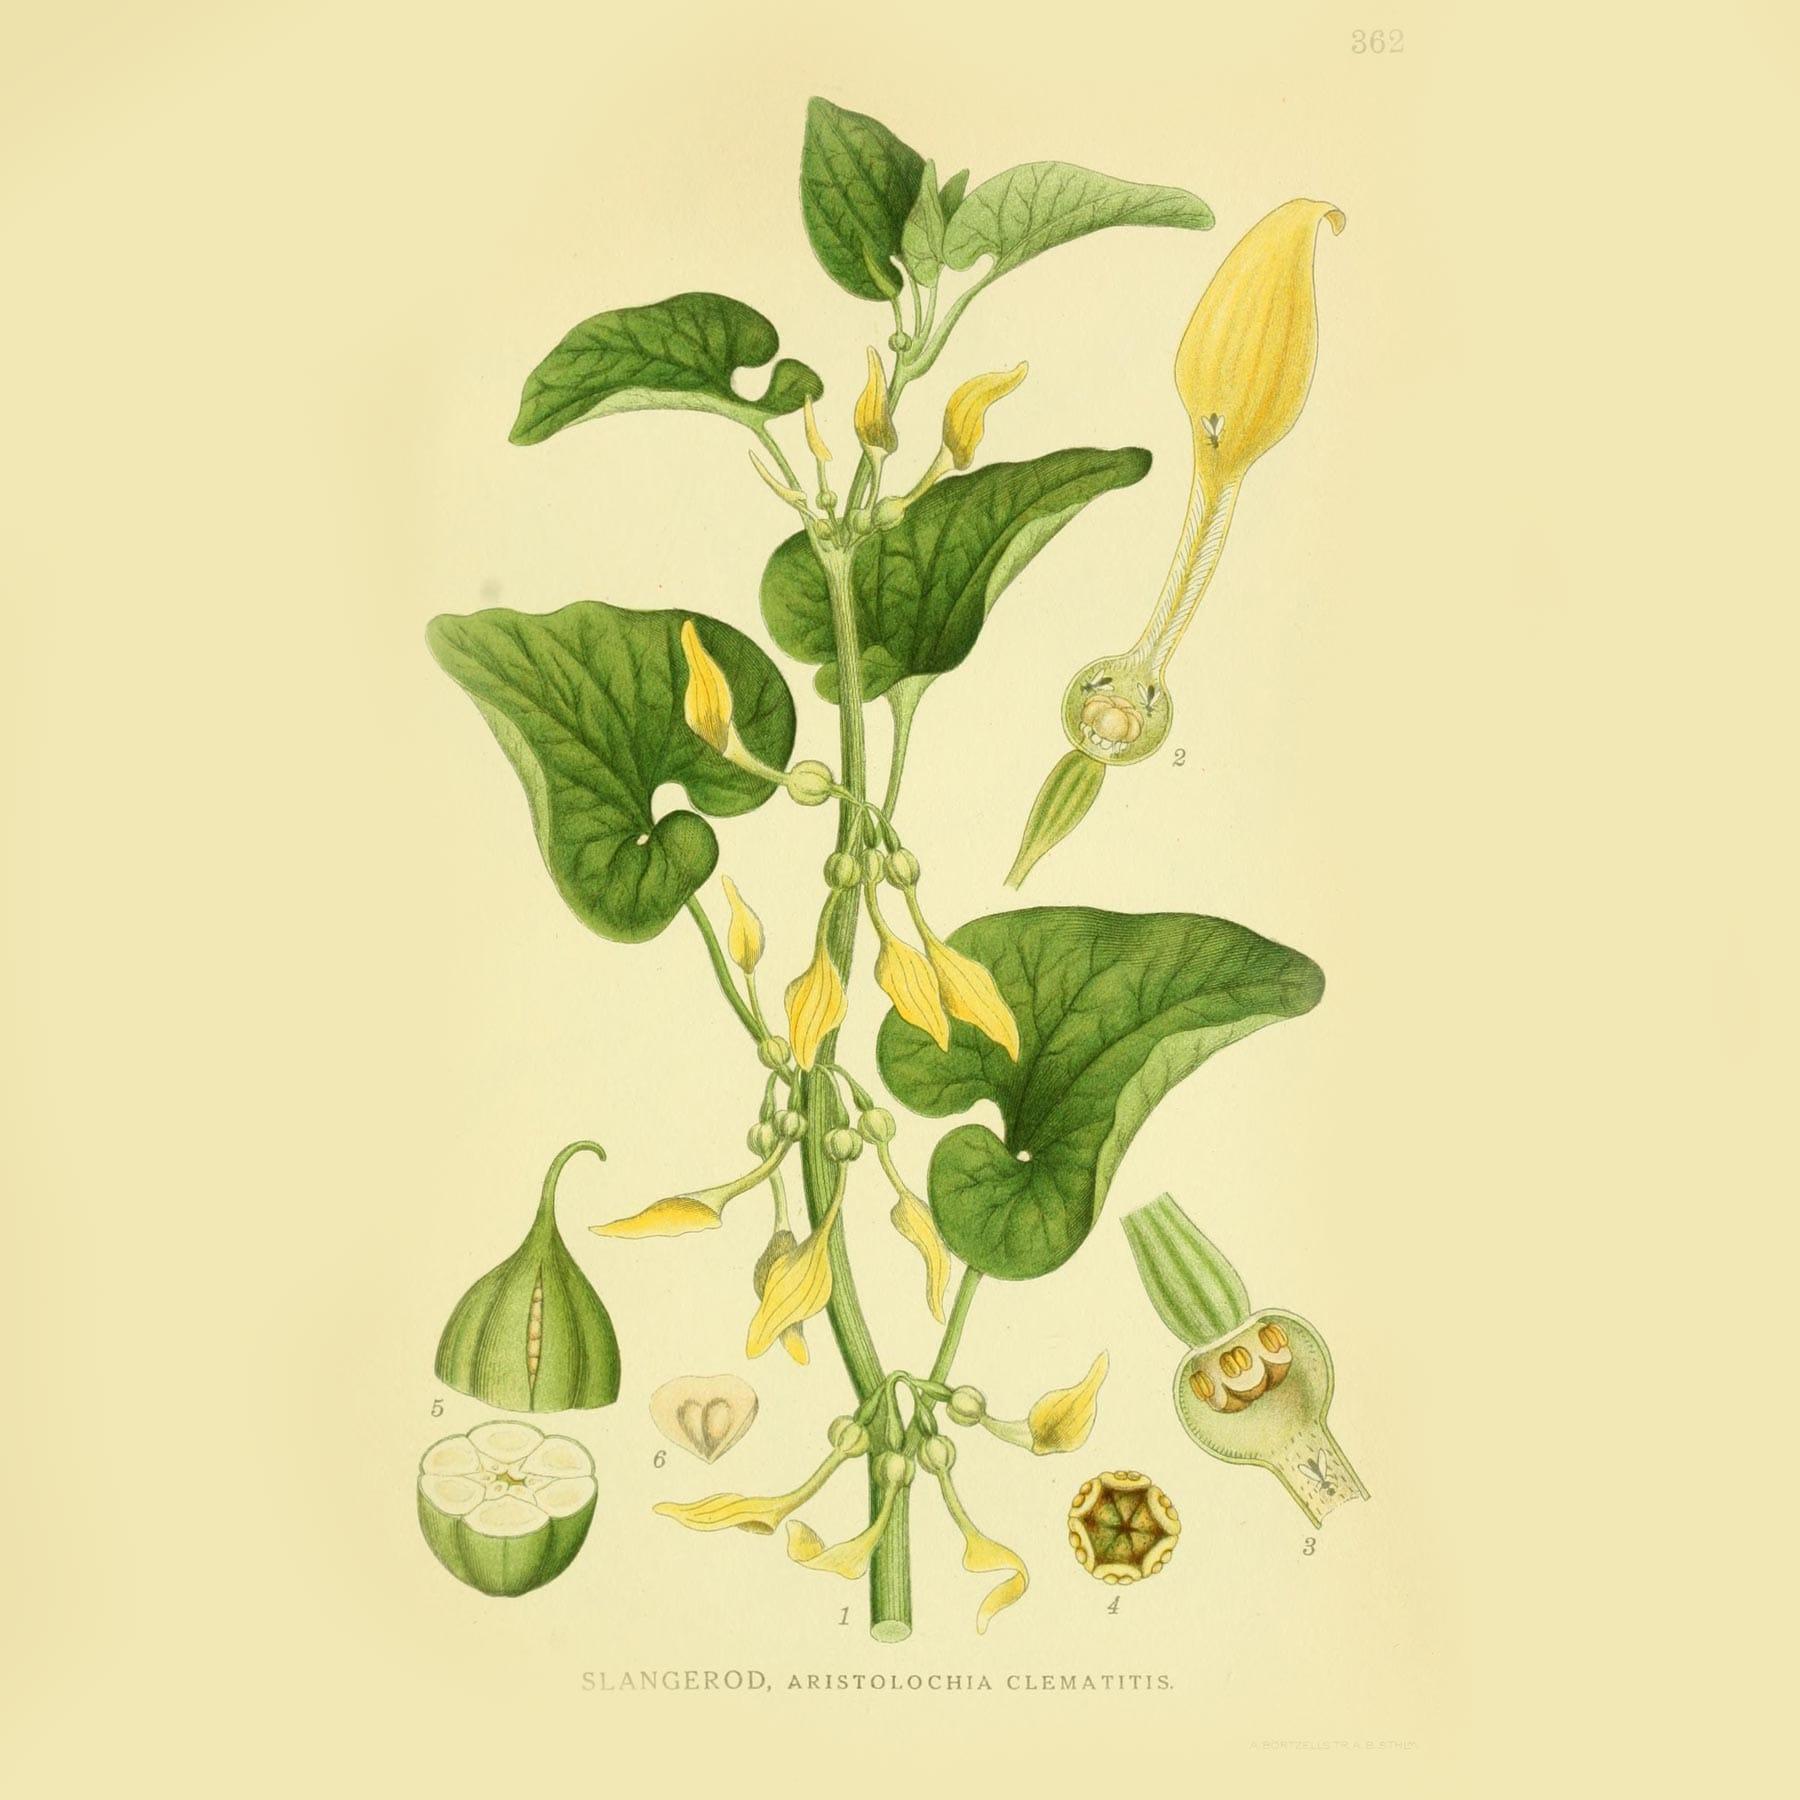 Кирказон ломоносовидный (Aristolochia clematitis). Источник: plantgenera.org